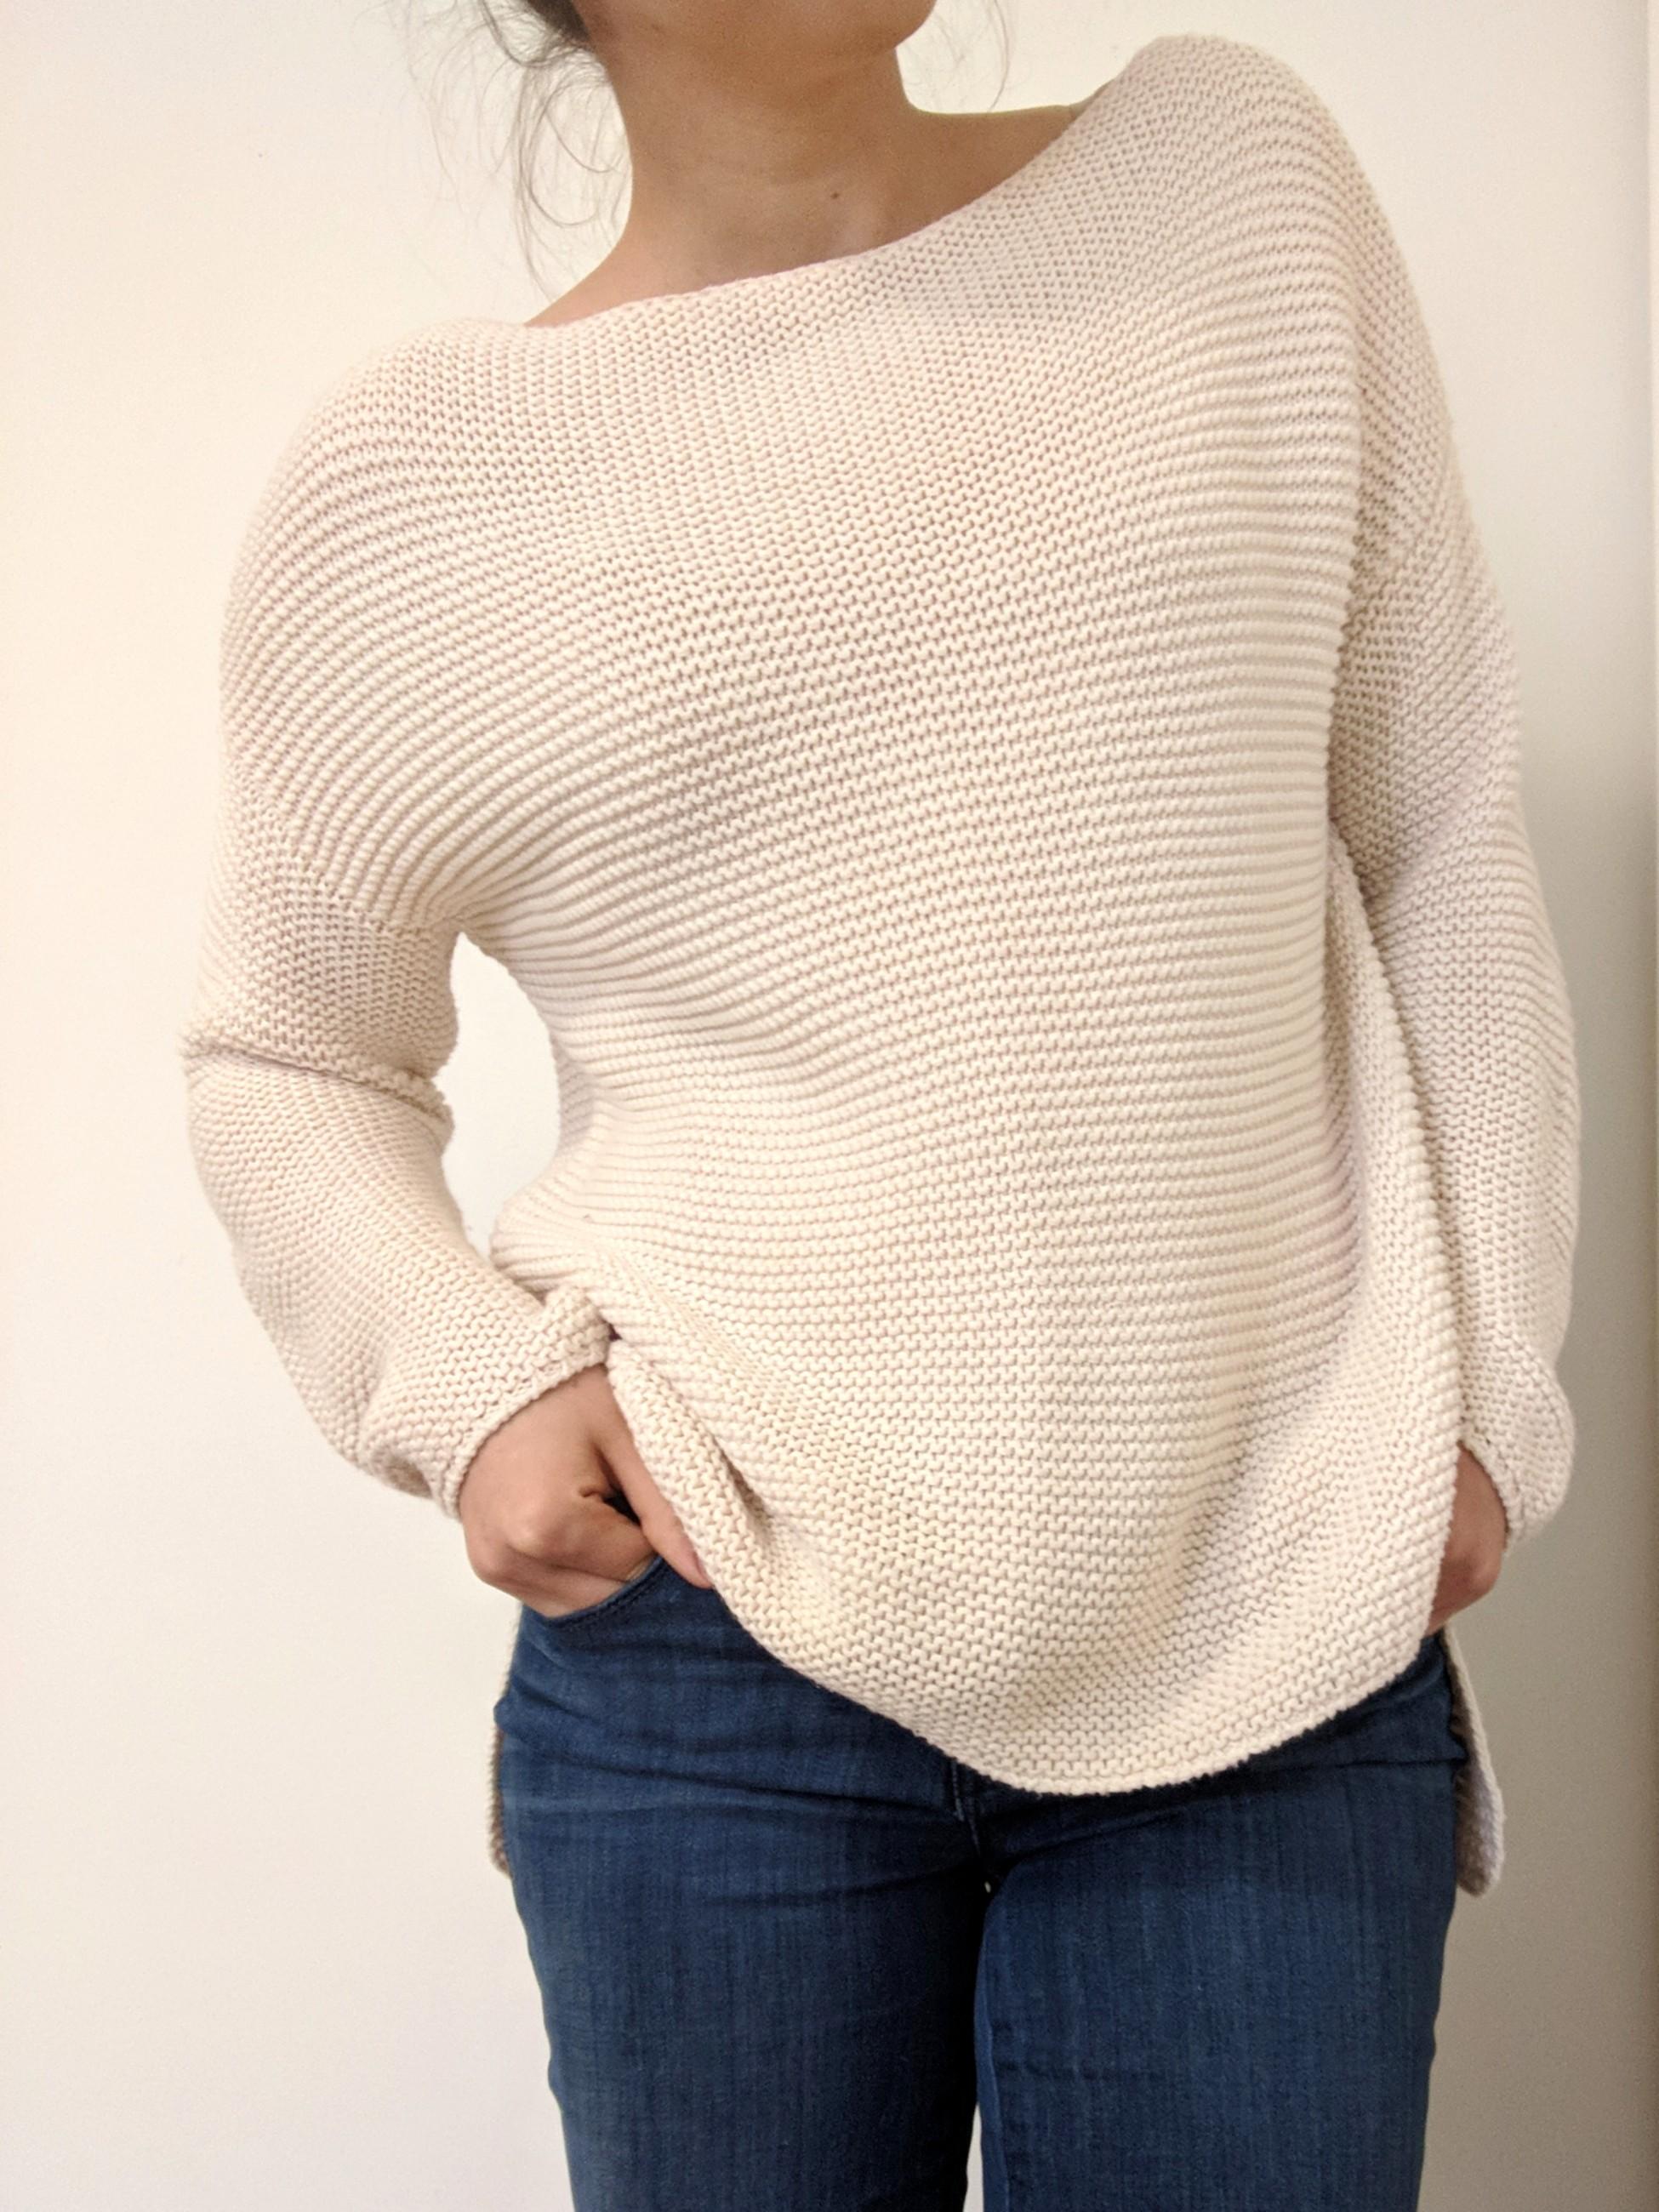 Stradivarius Cream Knitted Sweater